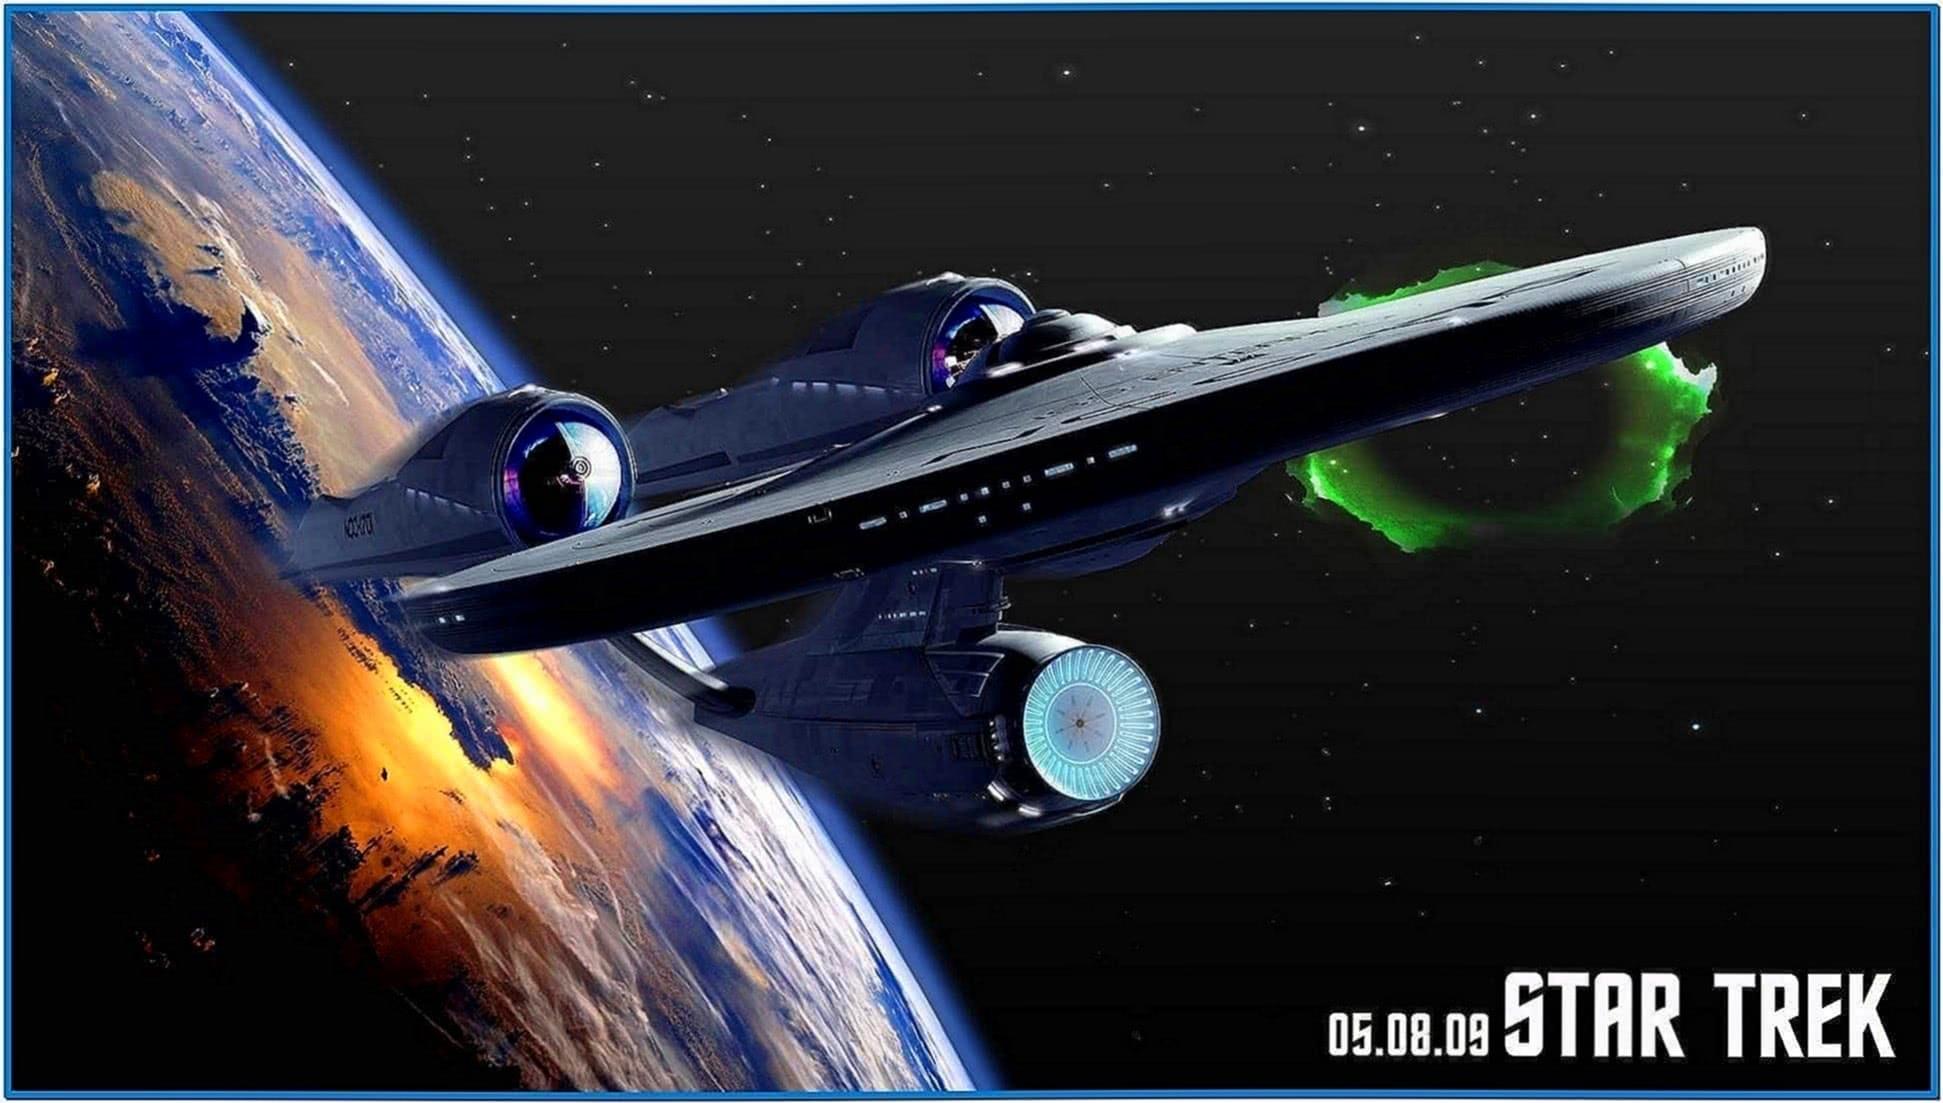 Star Trek Wallpaper and Screensavers